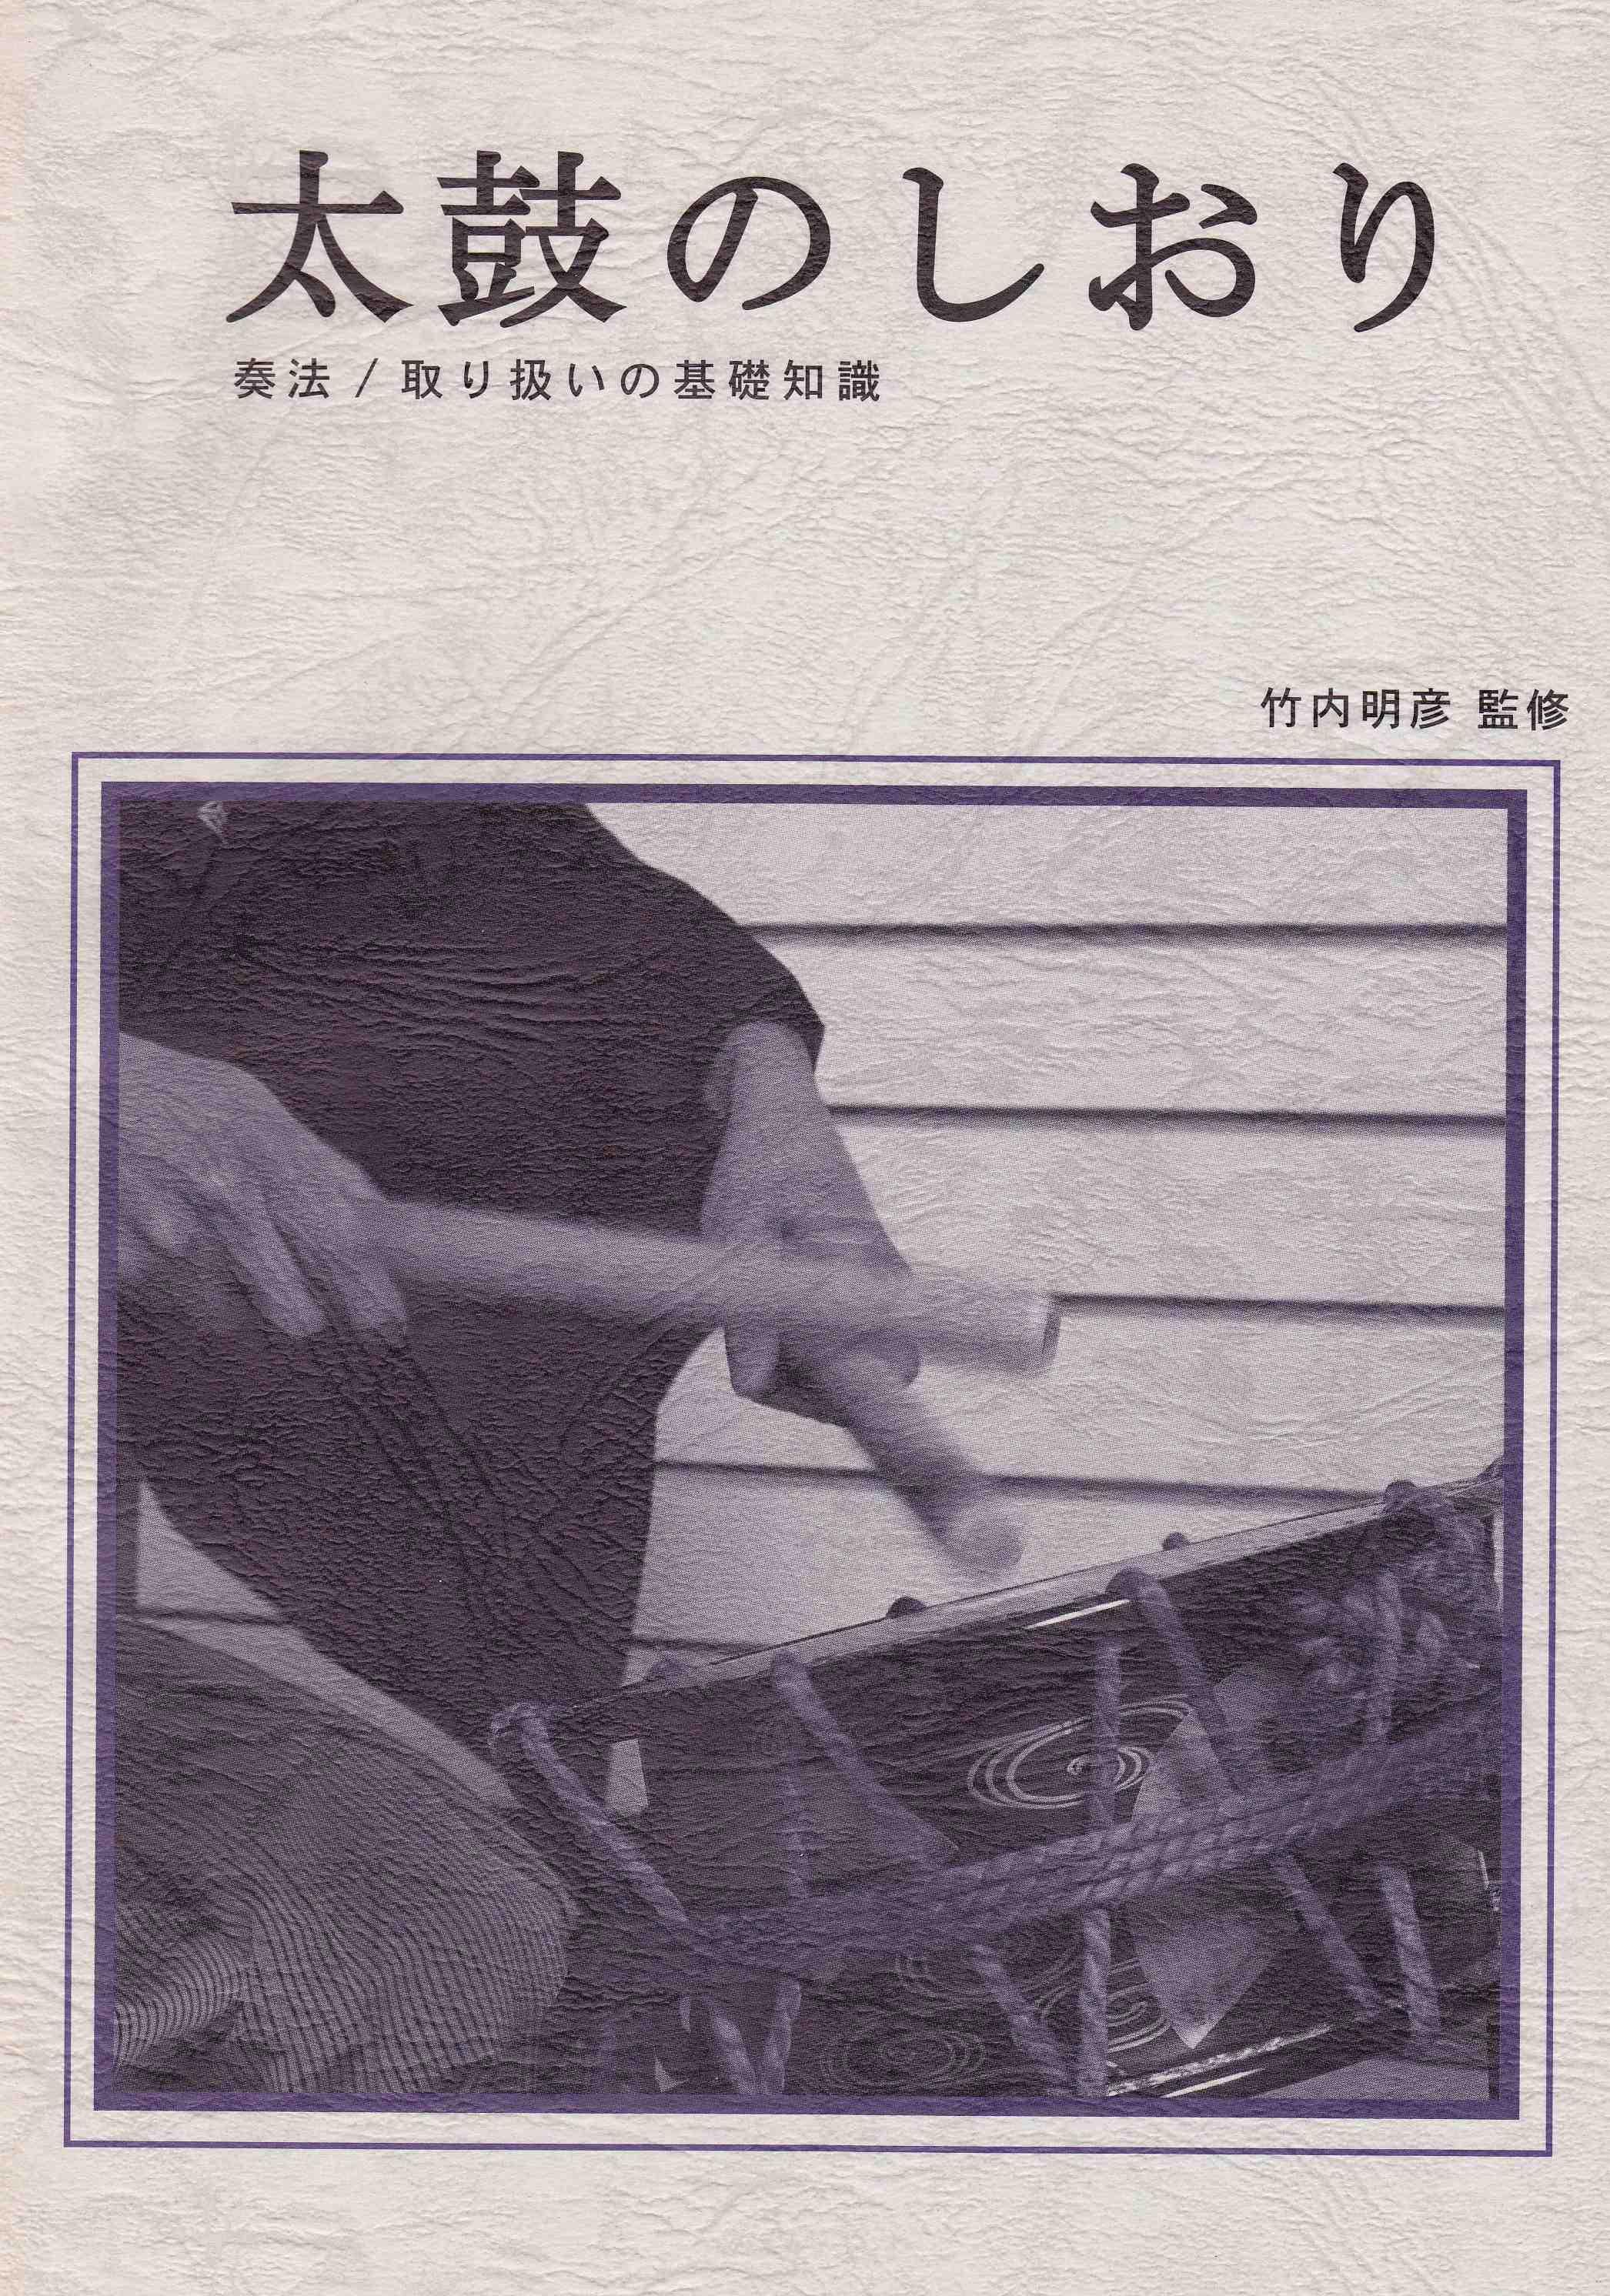 太鼓のしおり[5071]